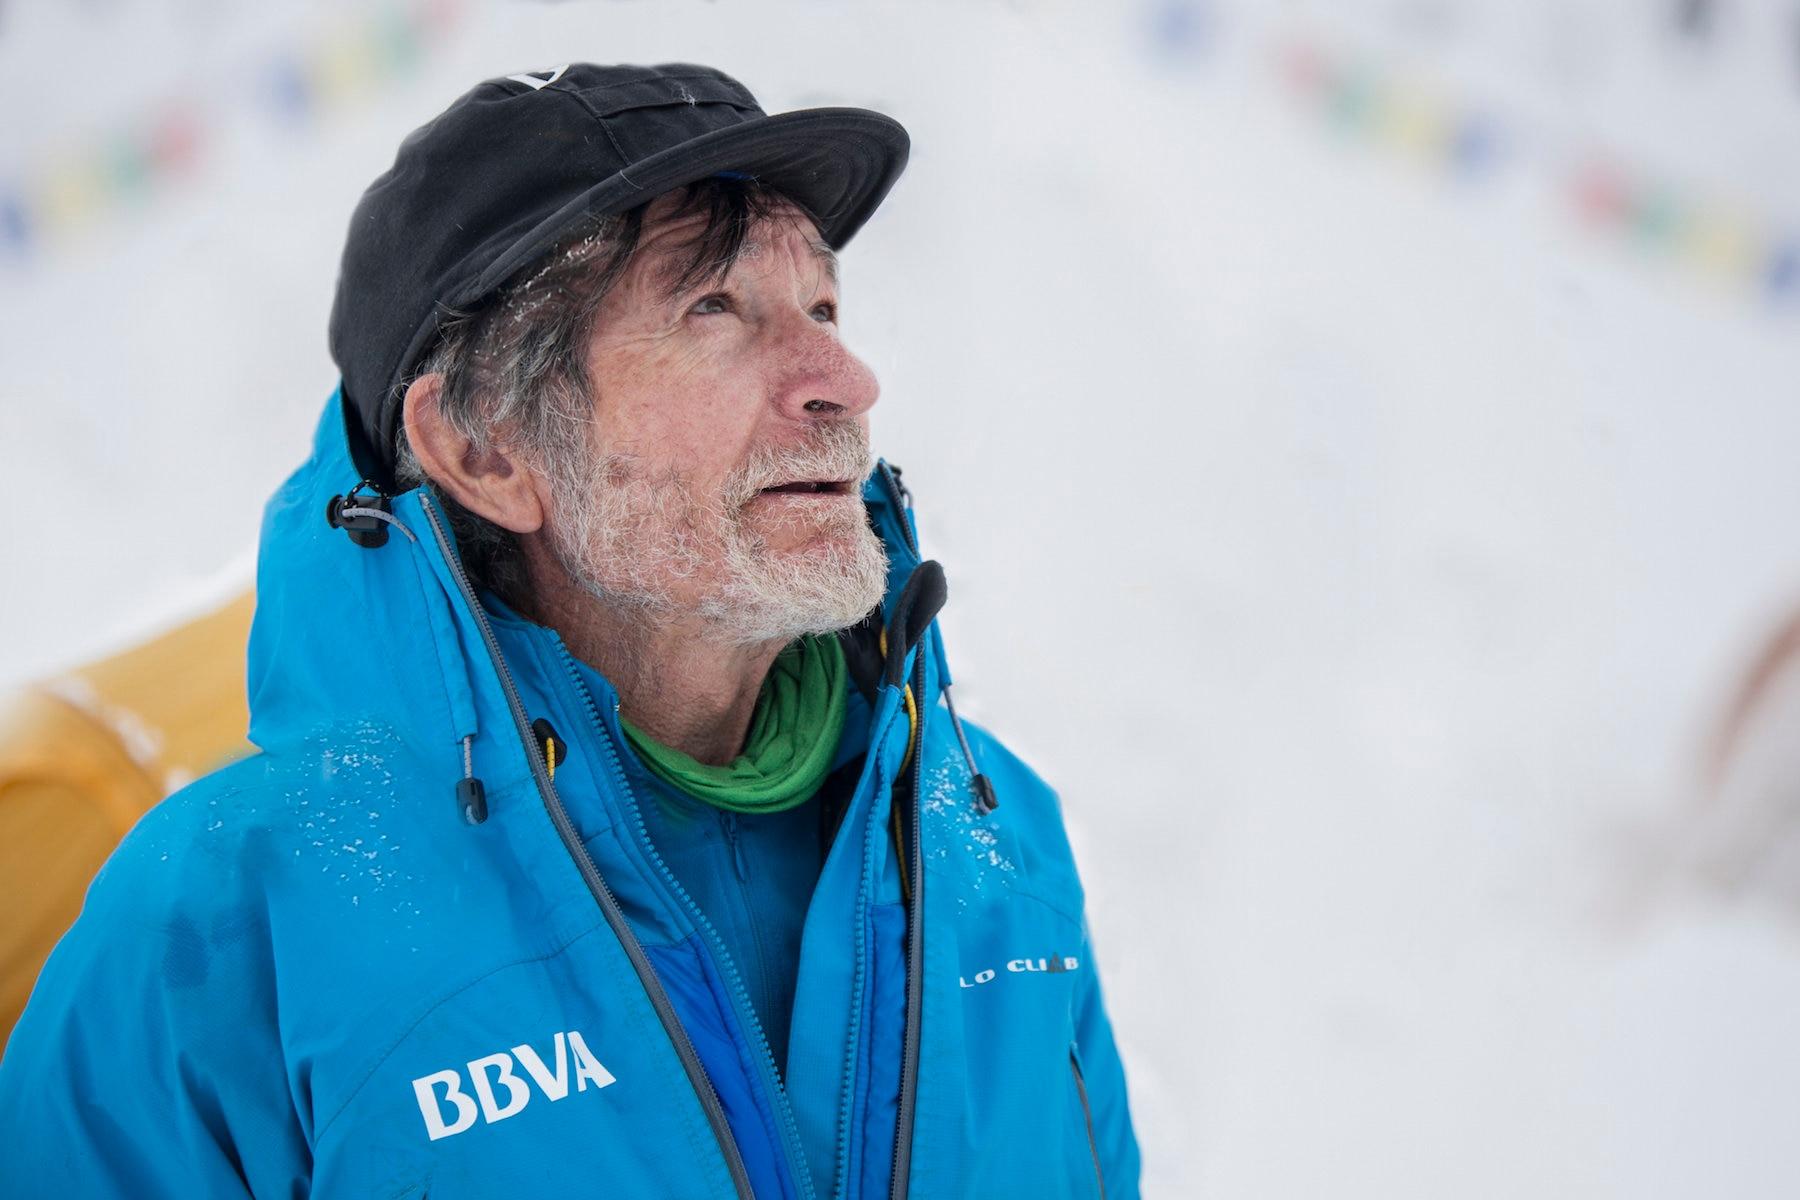 Fotografía de Carlos Soria durante su expedición al Annapurna en el 2015 mirando al infinito